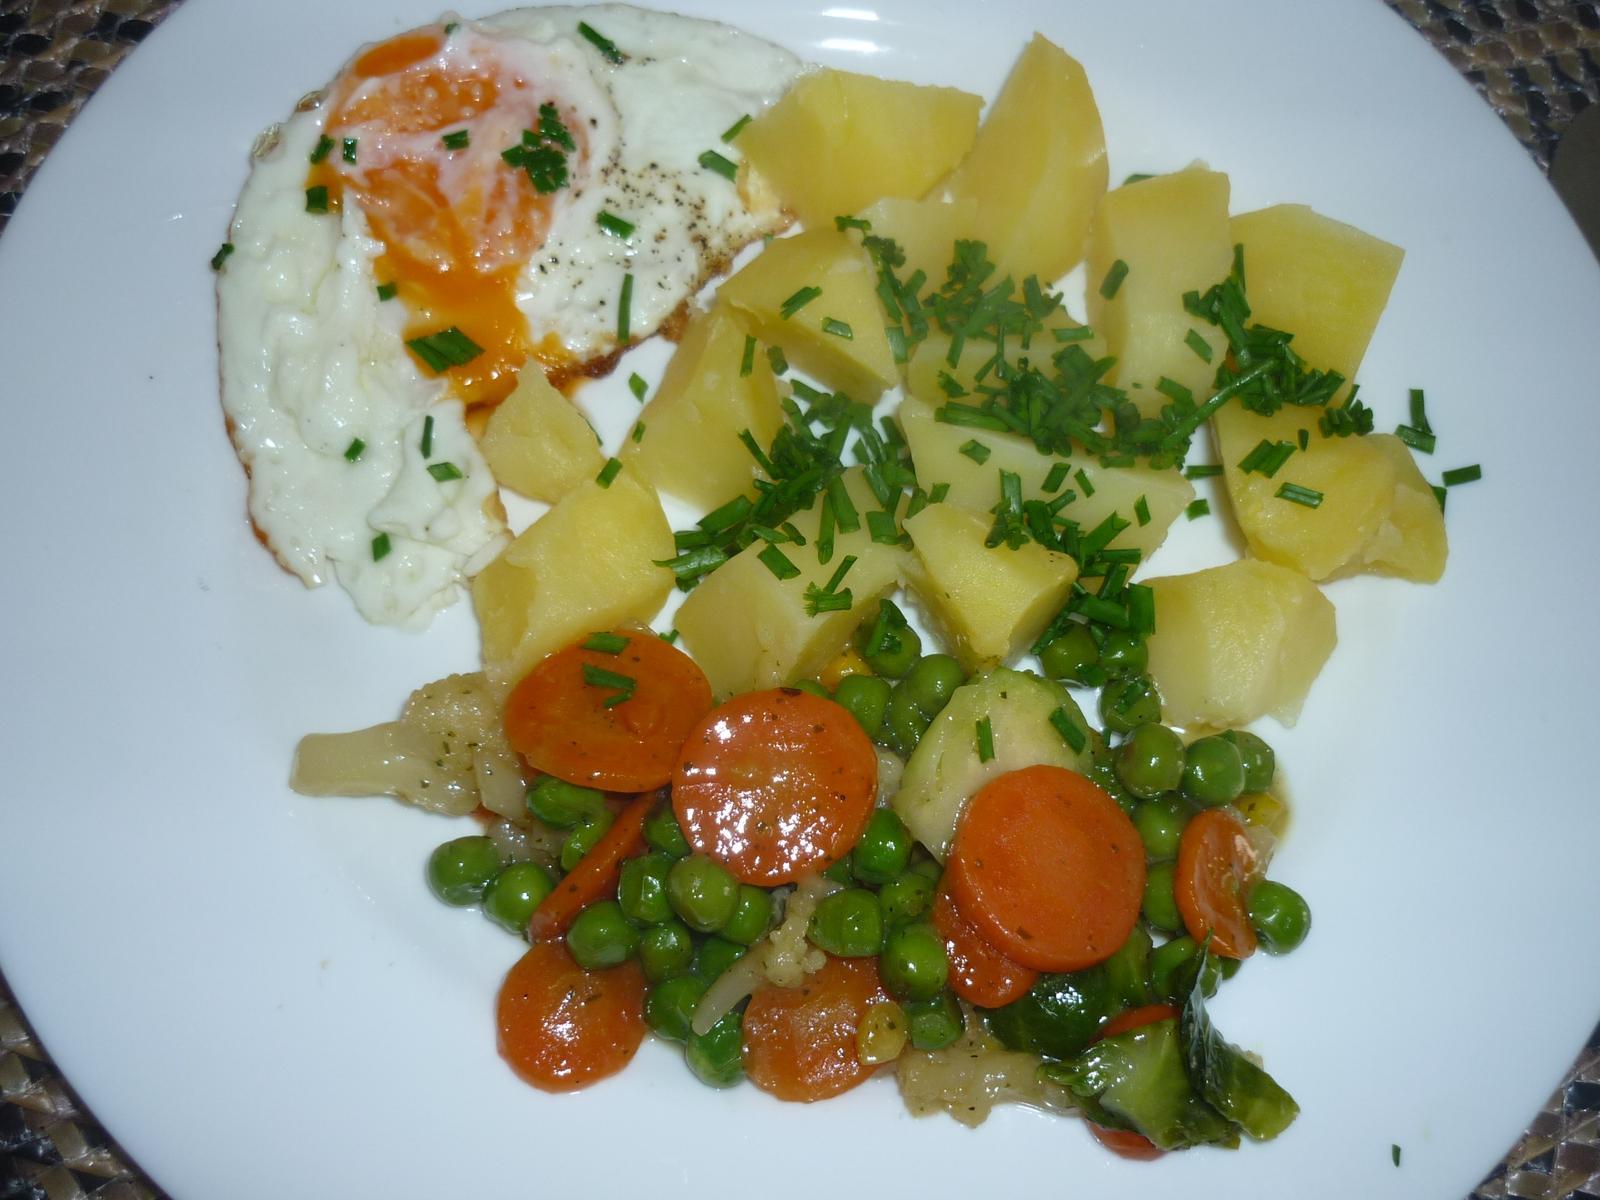 Což dát si něco k snědku - zelenina na másle a medu, brambory v páře  - moc jsem si pochutnala